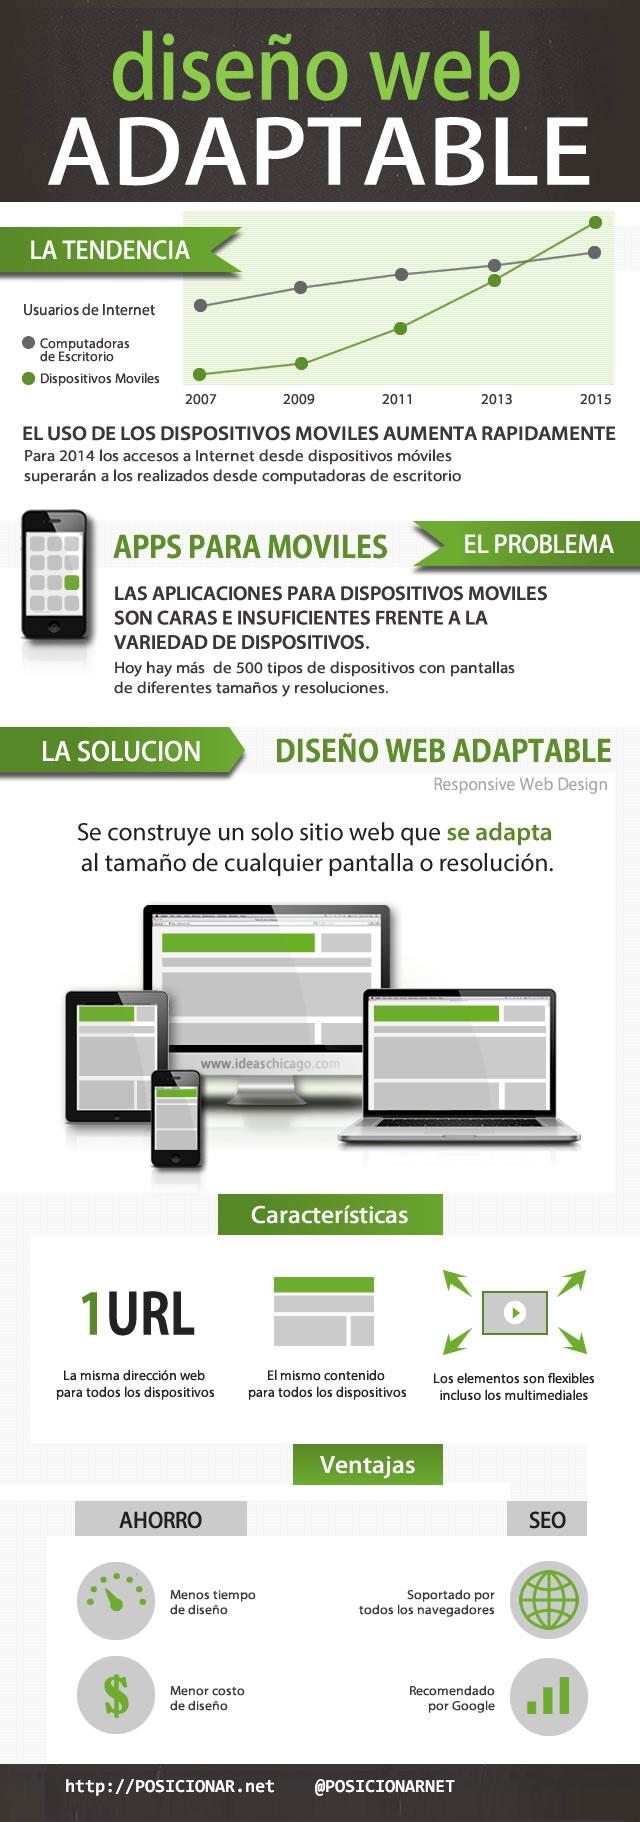 infografía-responsive-web-design